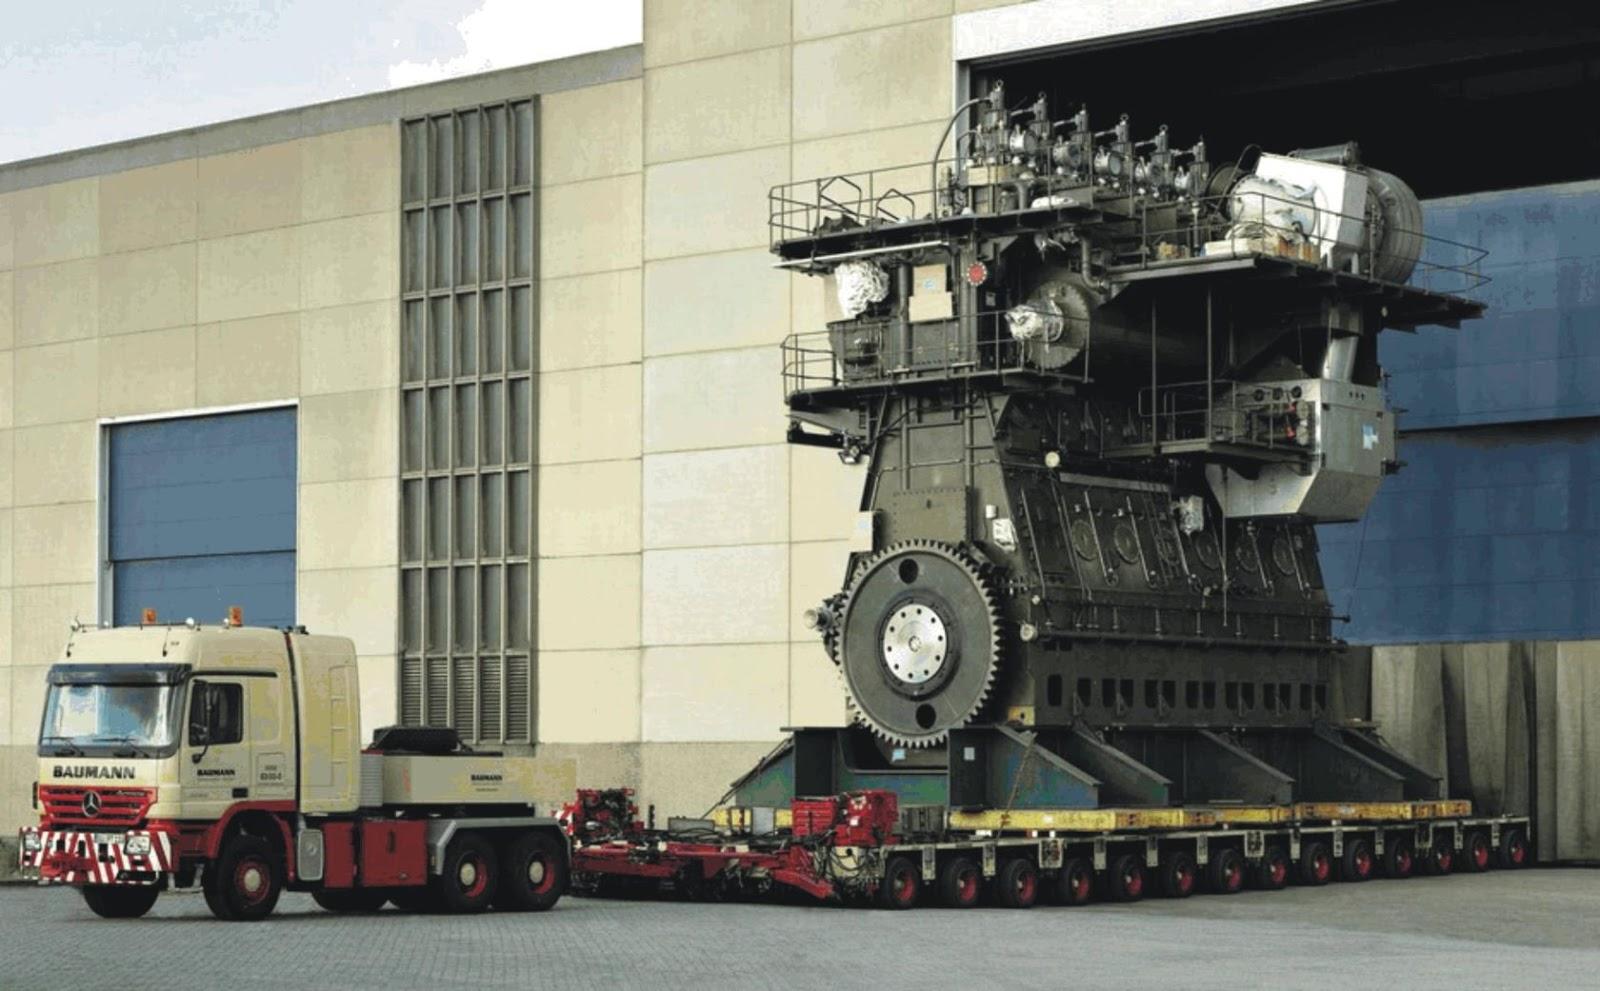 Il motore più grande del mondo! Wärtsilä-Sulzer RTA96-C